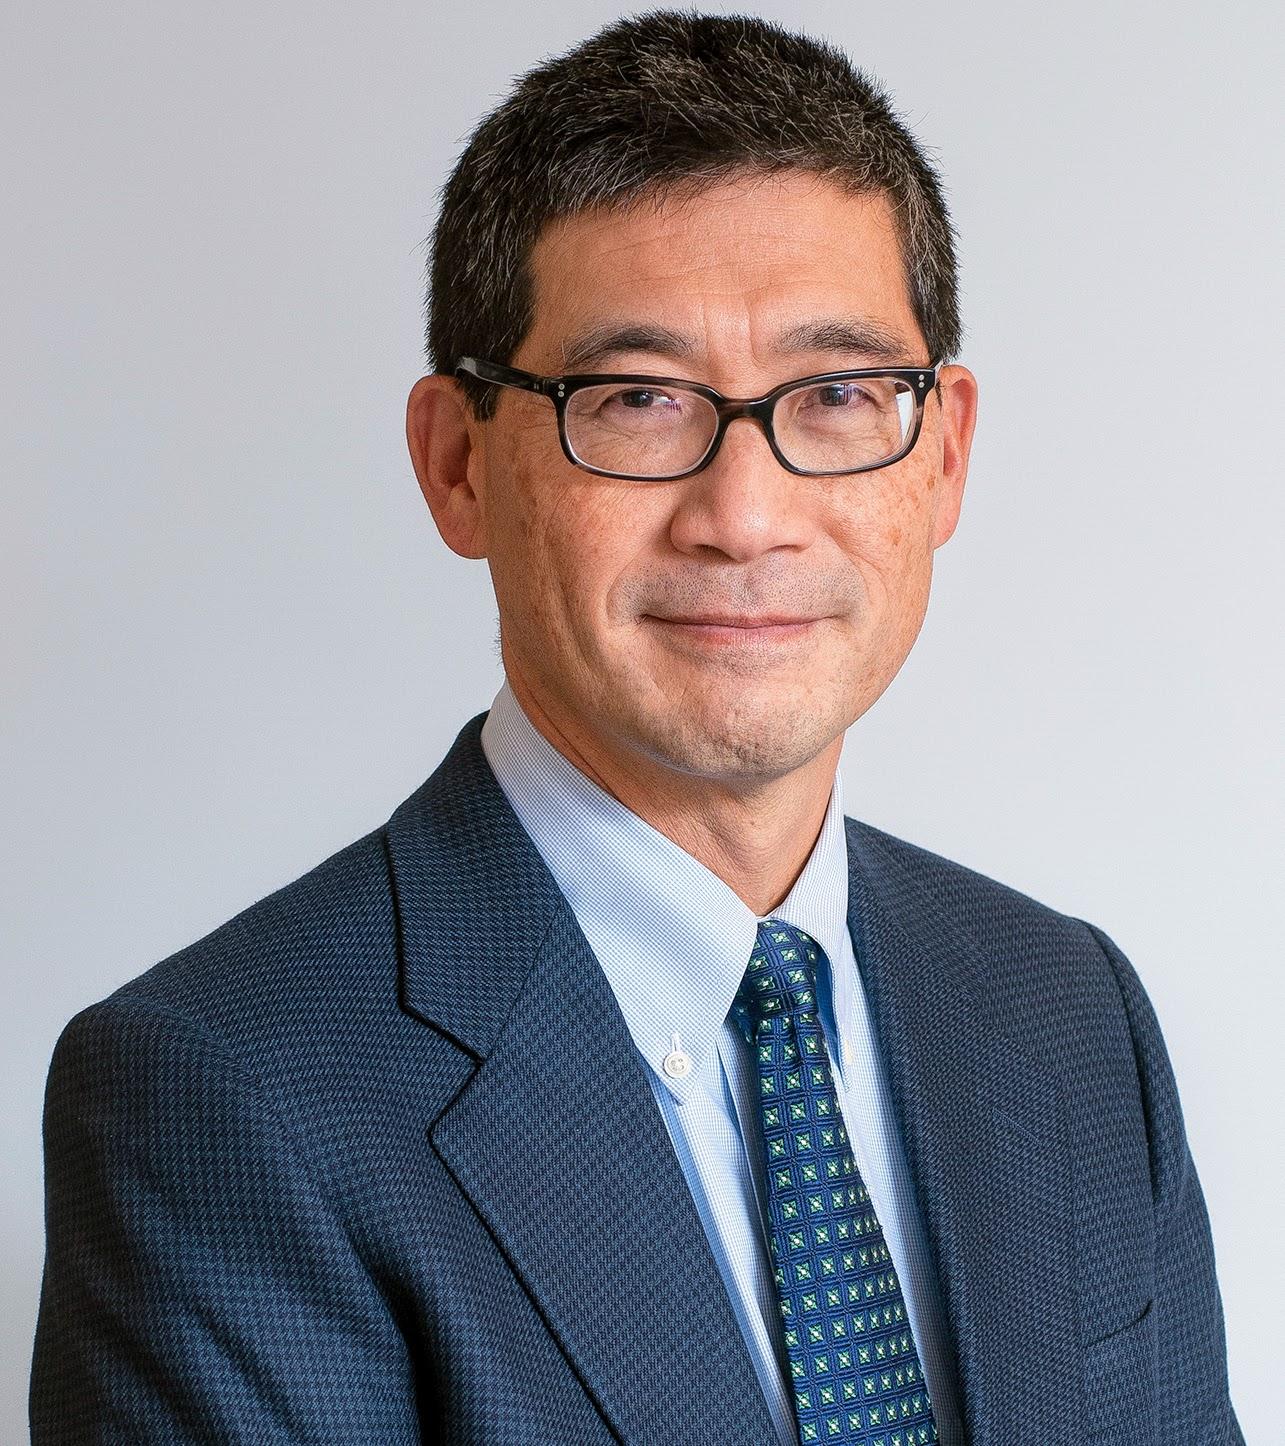 Kenneth Tanabe, MD